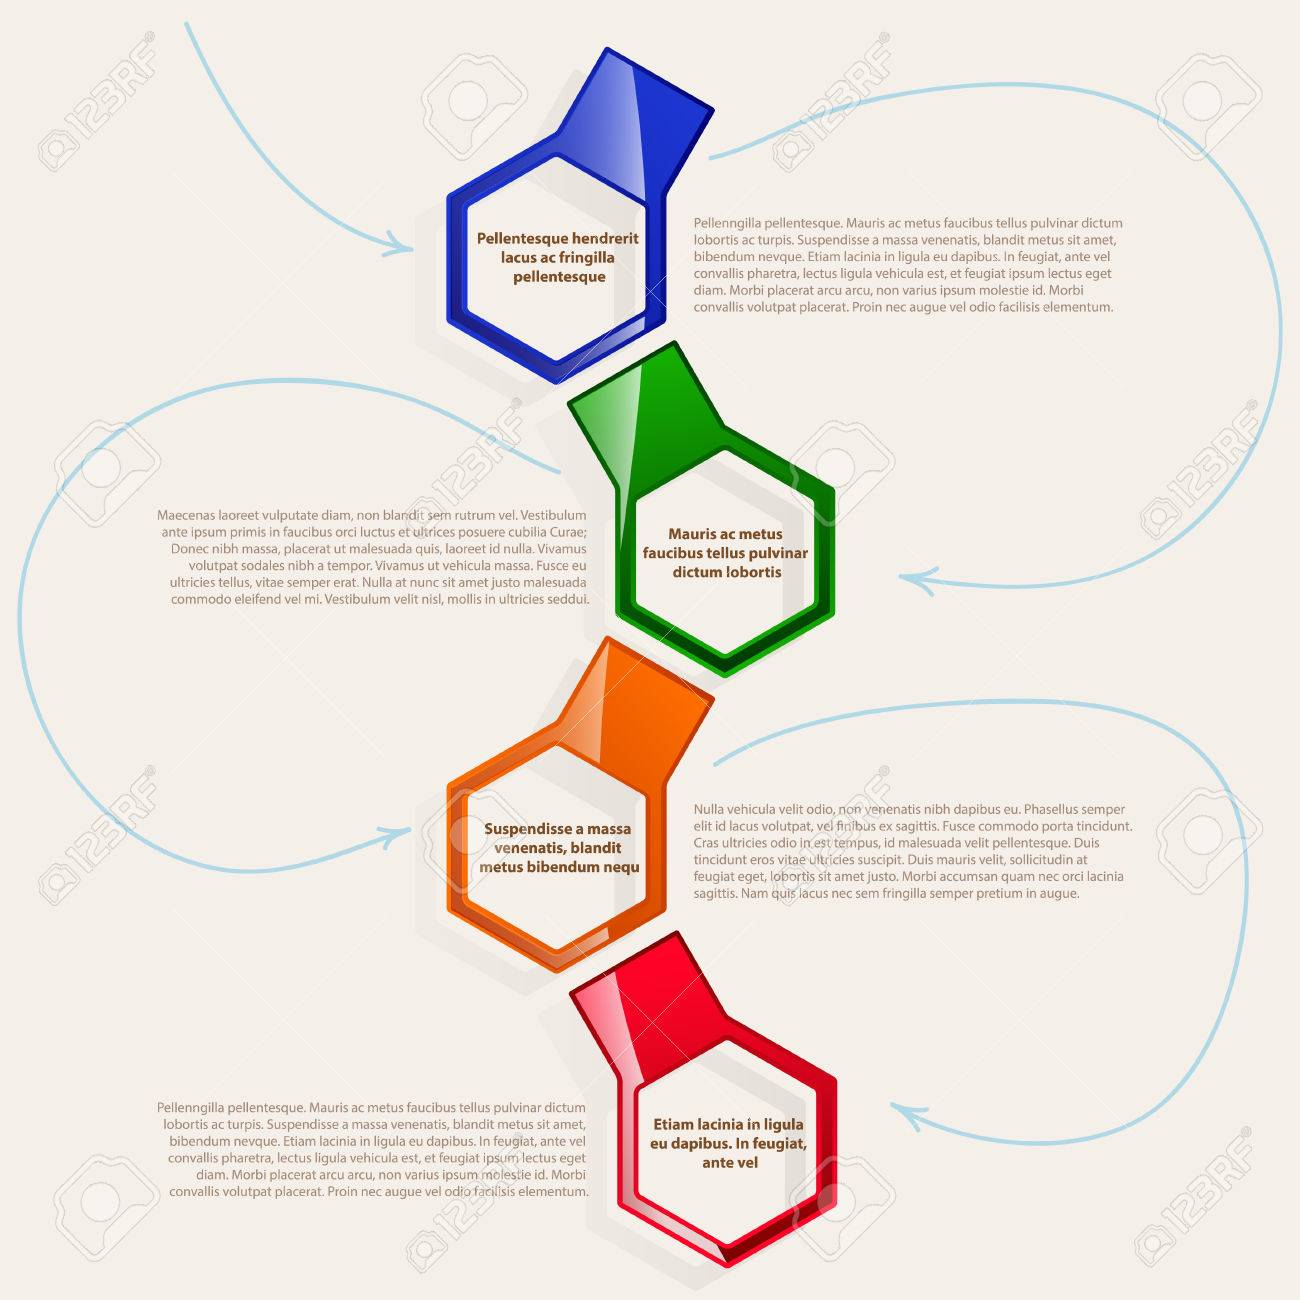 Cuadros De Color. Cuatro Marcos Hexagonales Para El Texto O La ...